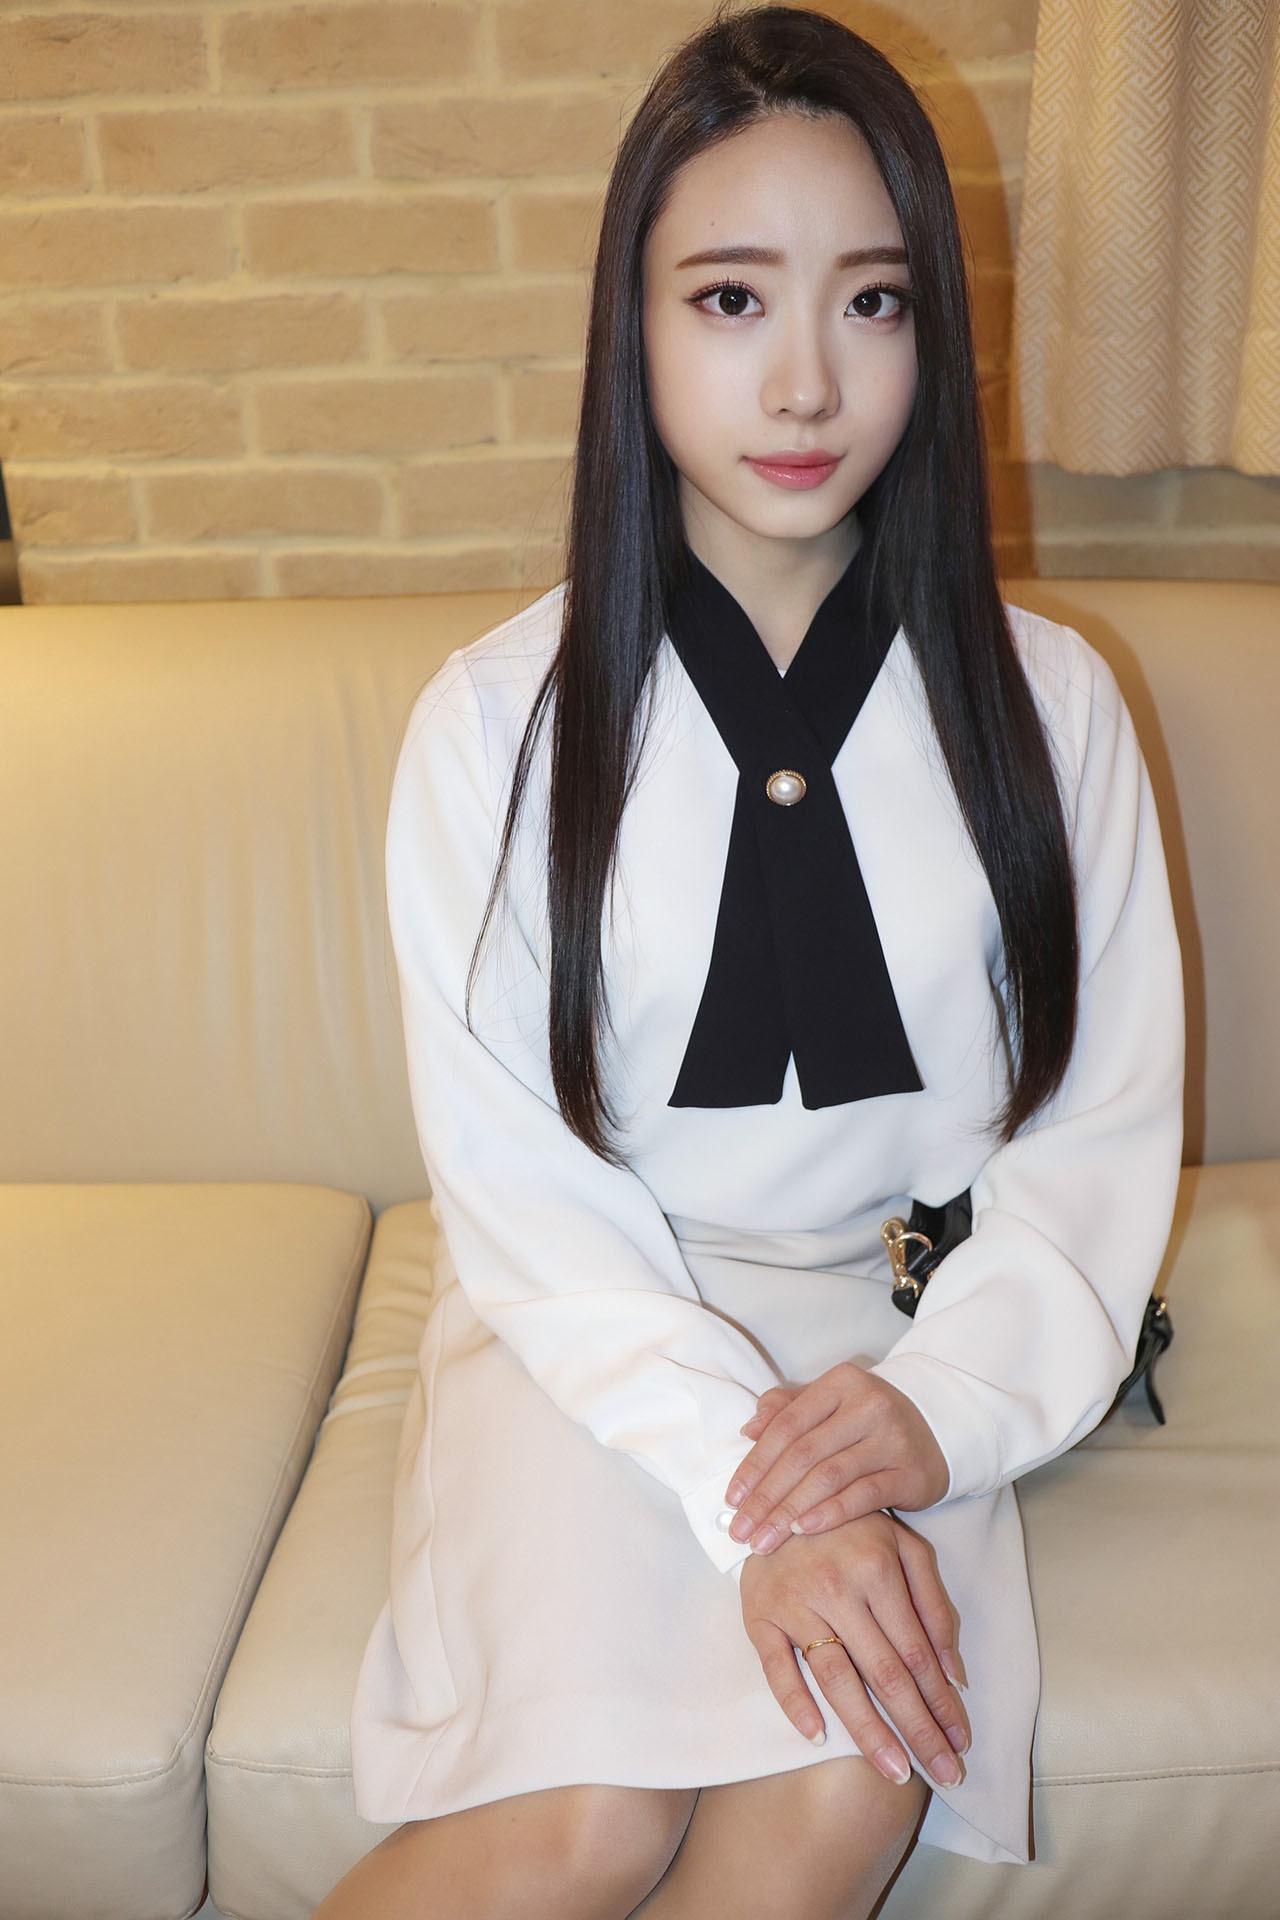 完ナマSTYLE@はるき V0中出し美女 クラシックバレエ講師はるきさん(仮名)